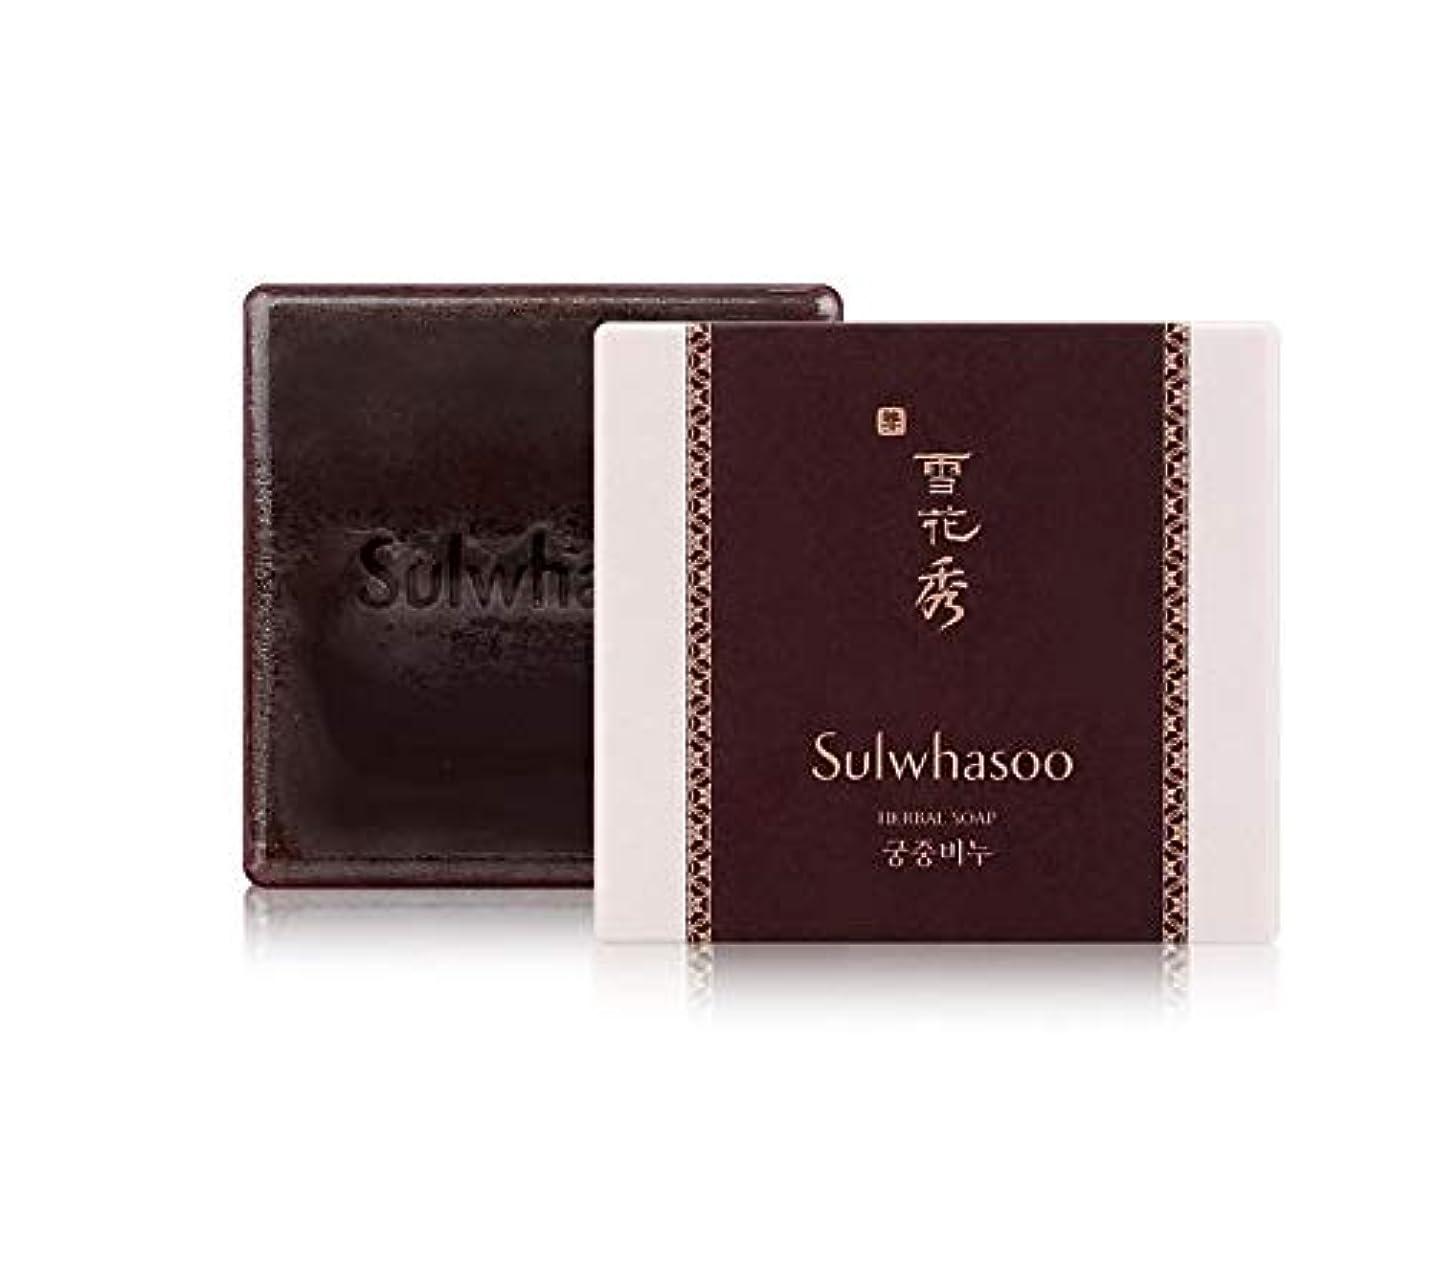 照らす印刷する政治[雪花秀] SULWHASOO HERBAL SOAP 宮中石鹸 (韩国正品)